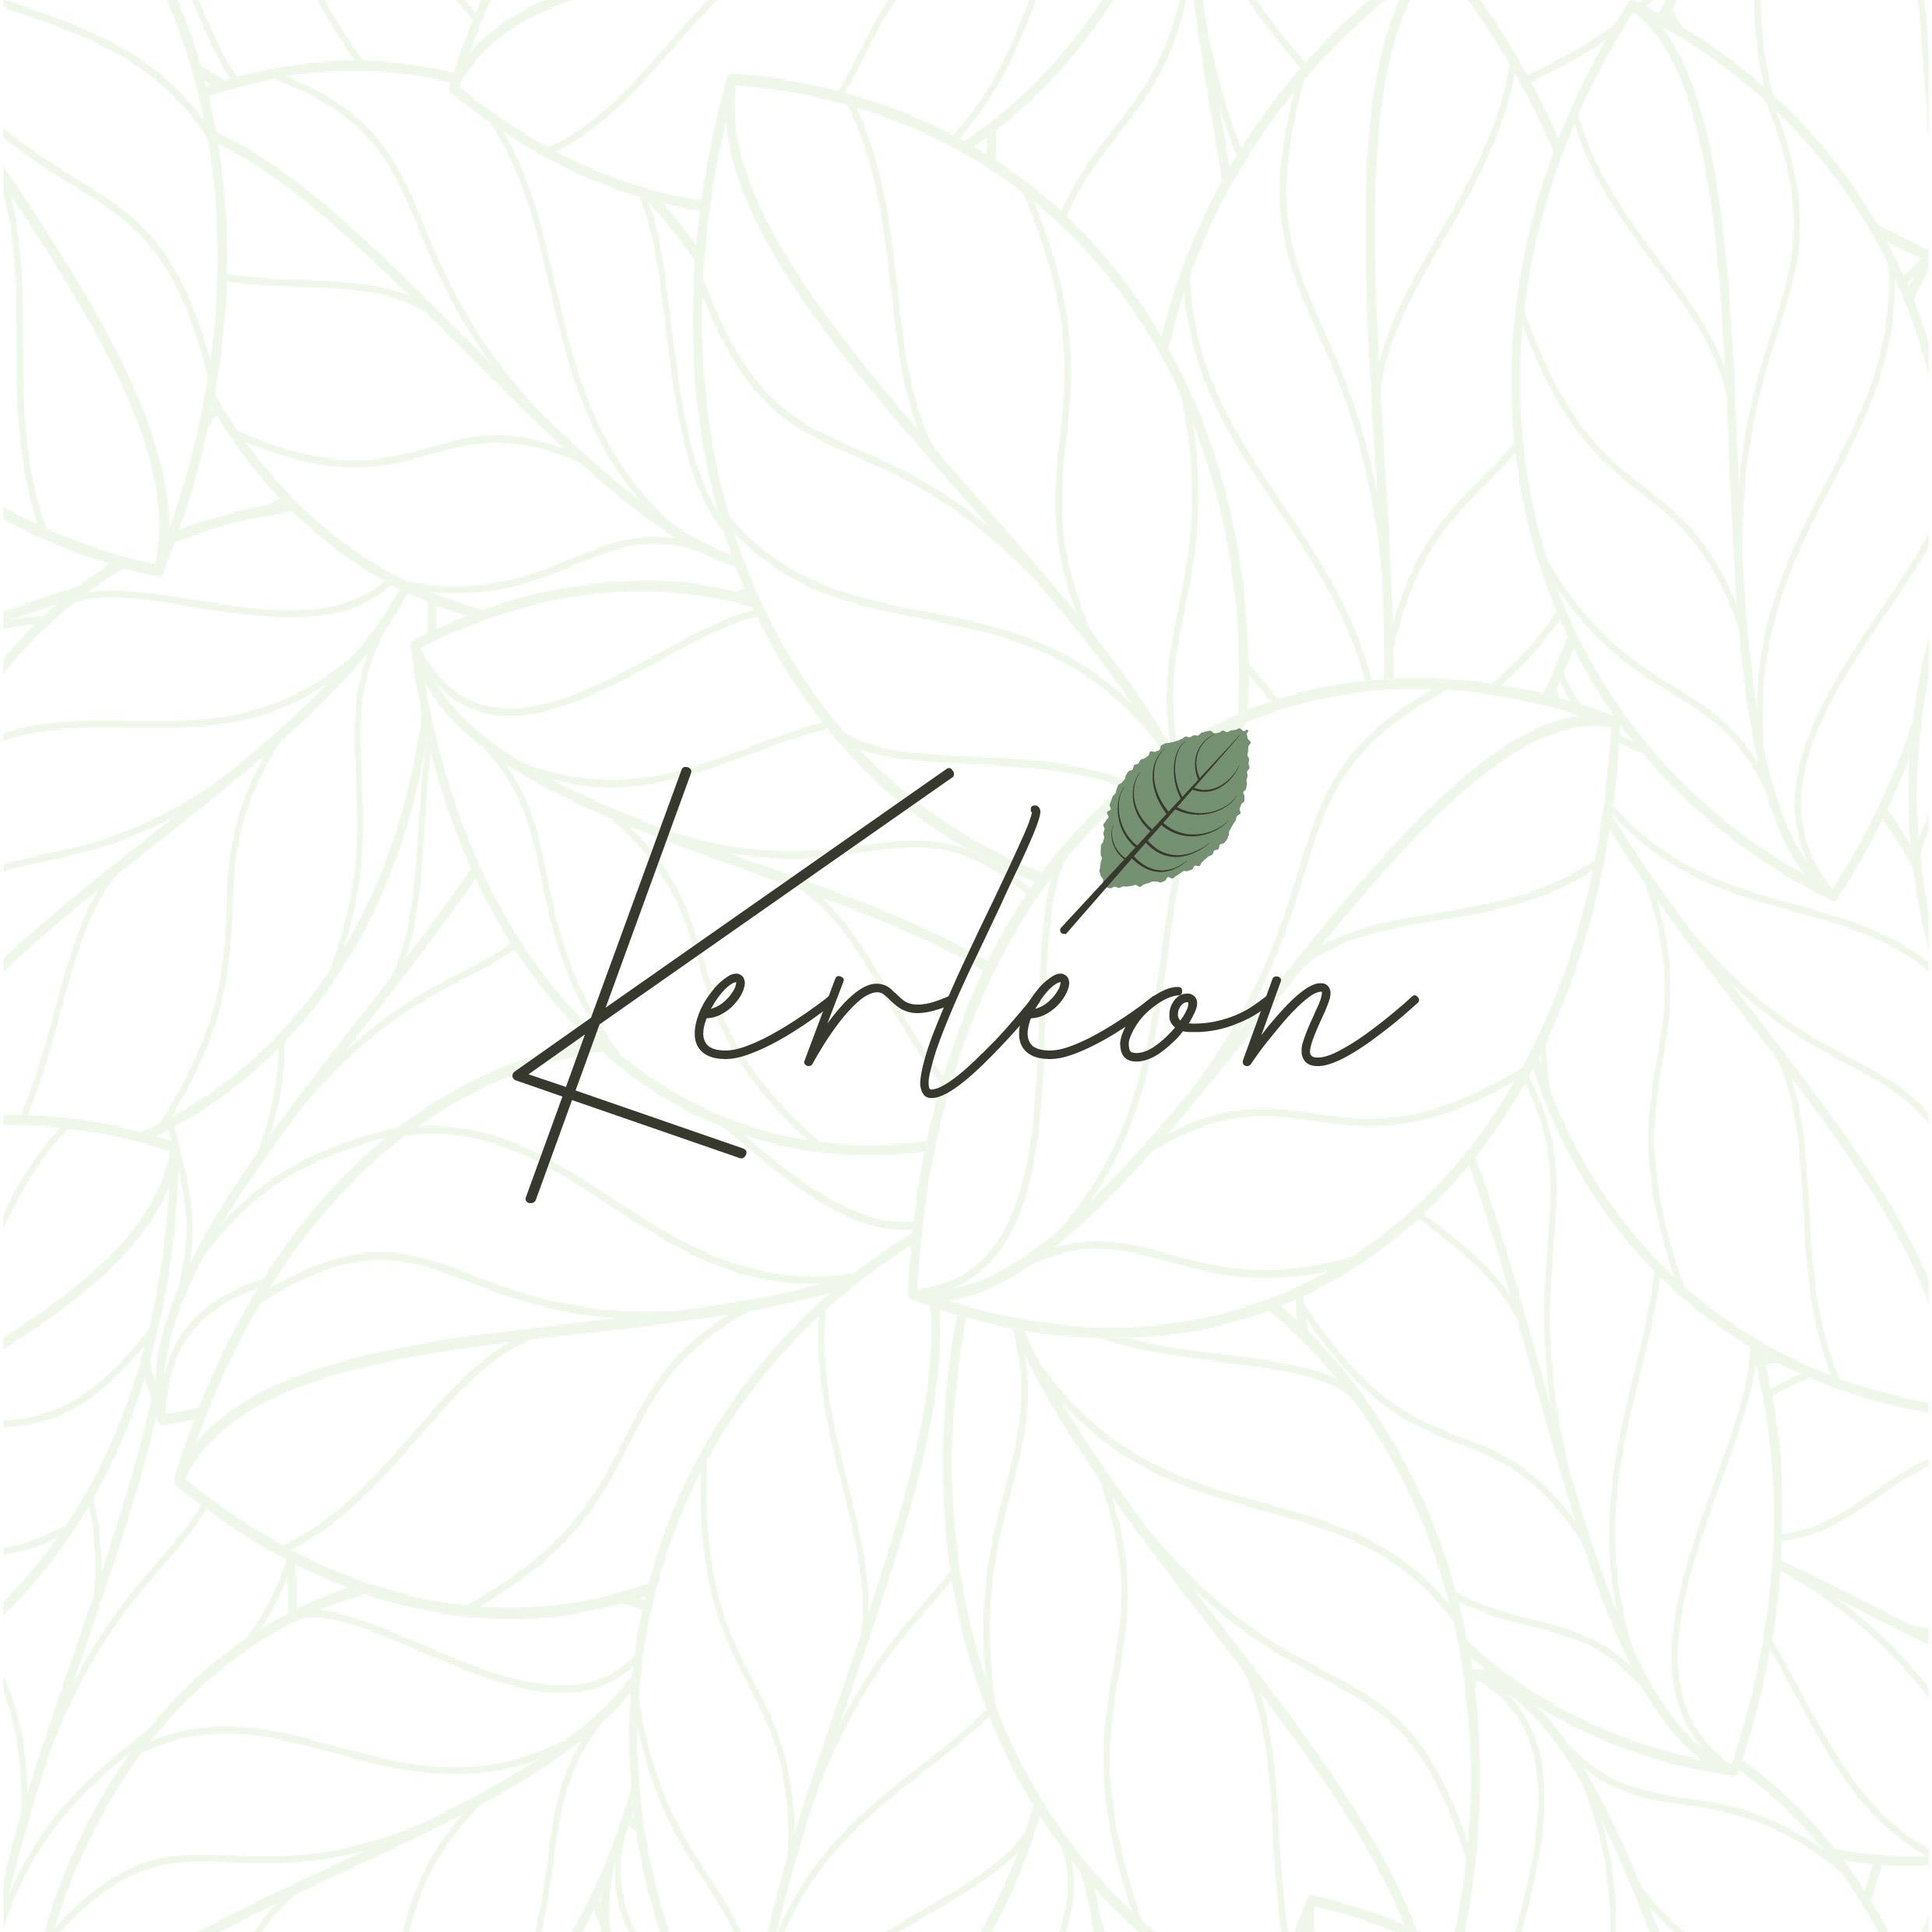 Kerléon- logo